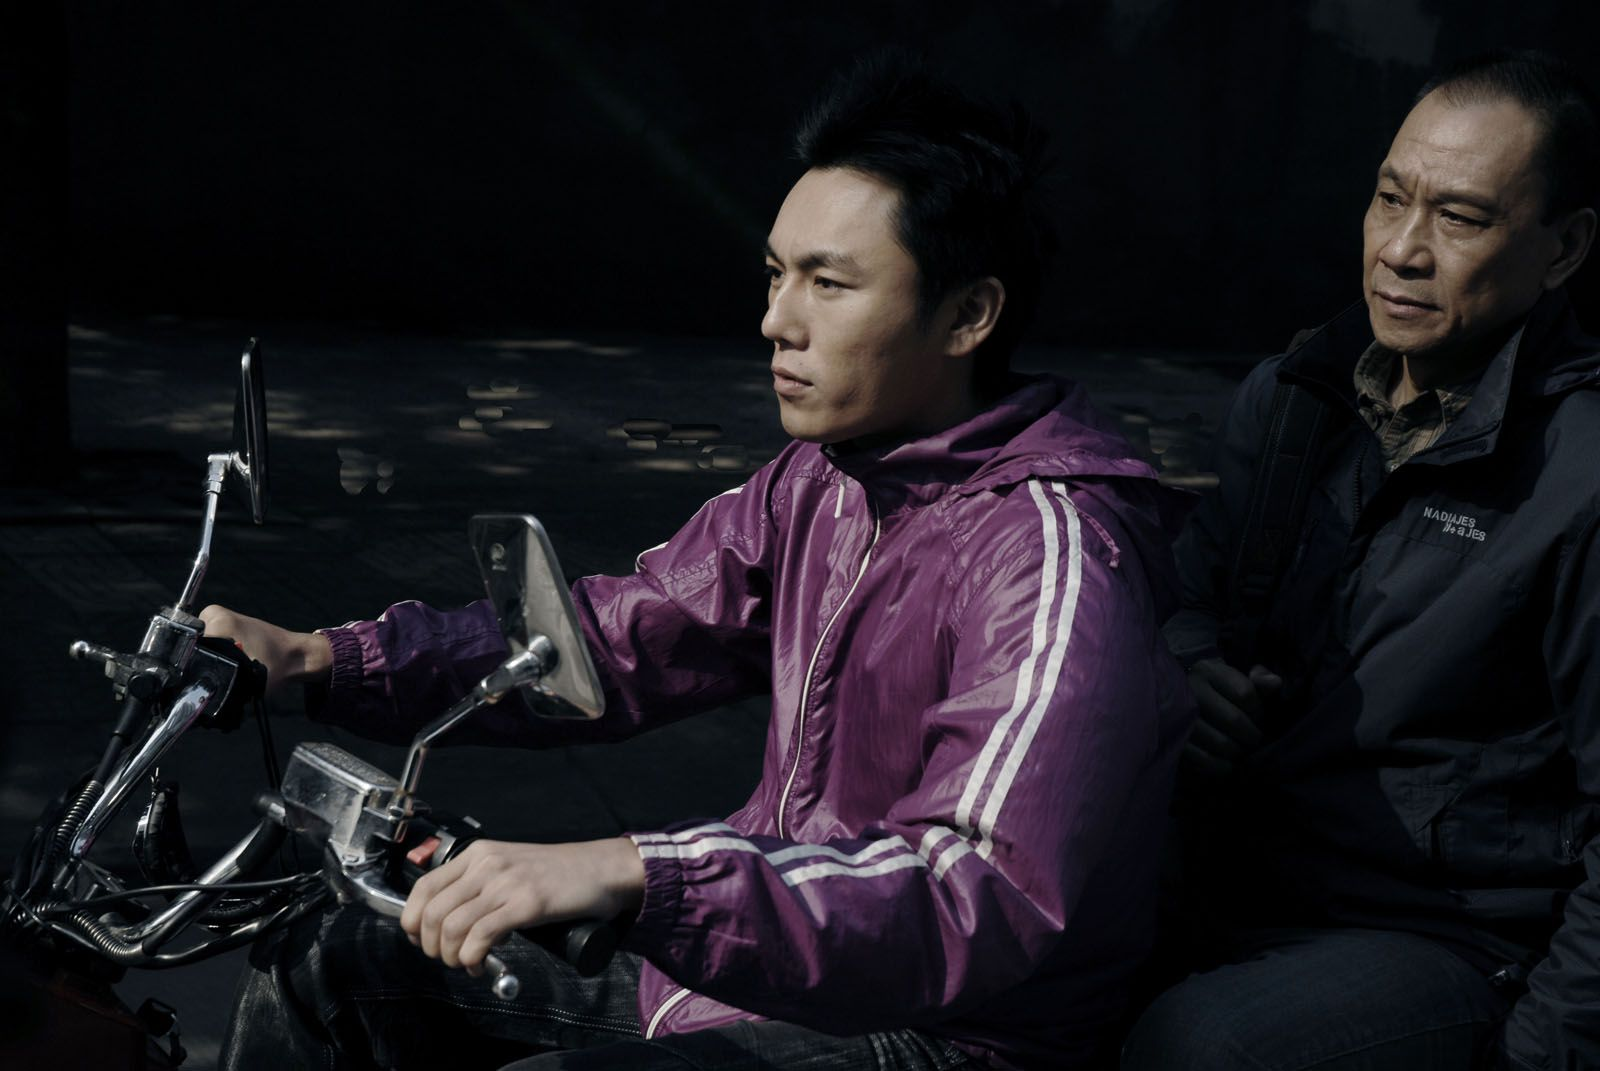 Chongqing Blues (BANDE-ANNONCE) de Wang Xiaoshuai - Le 5 août 2020 au cinéma